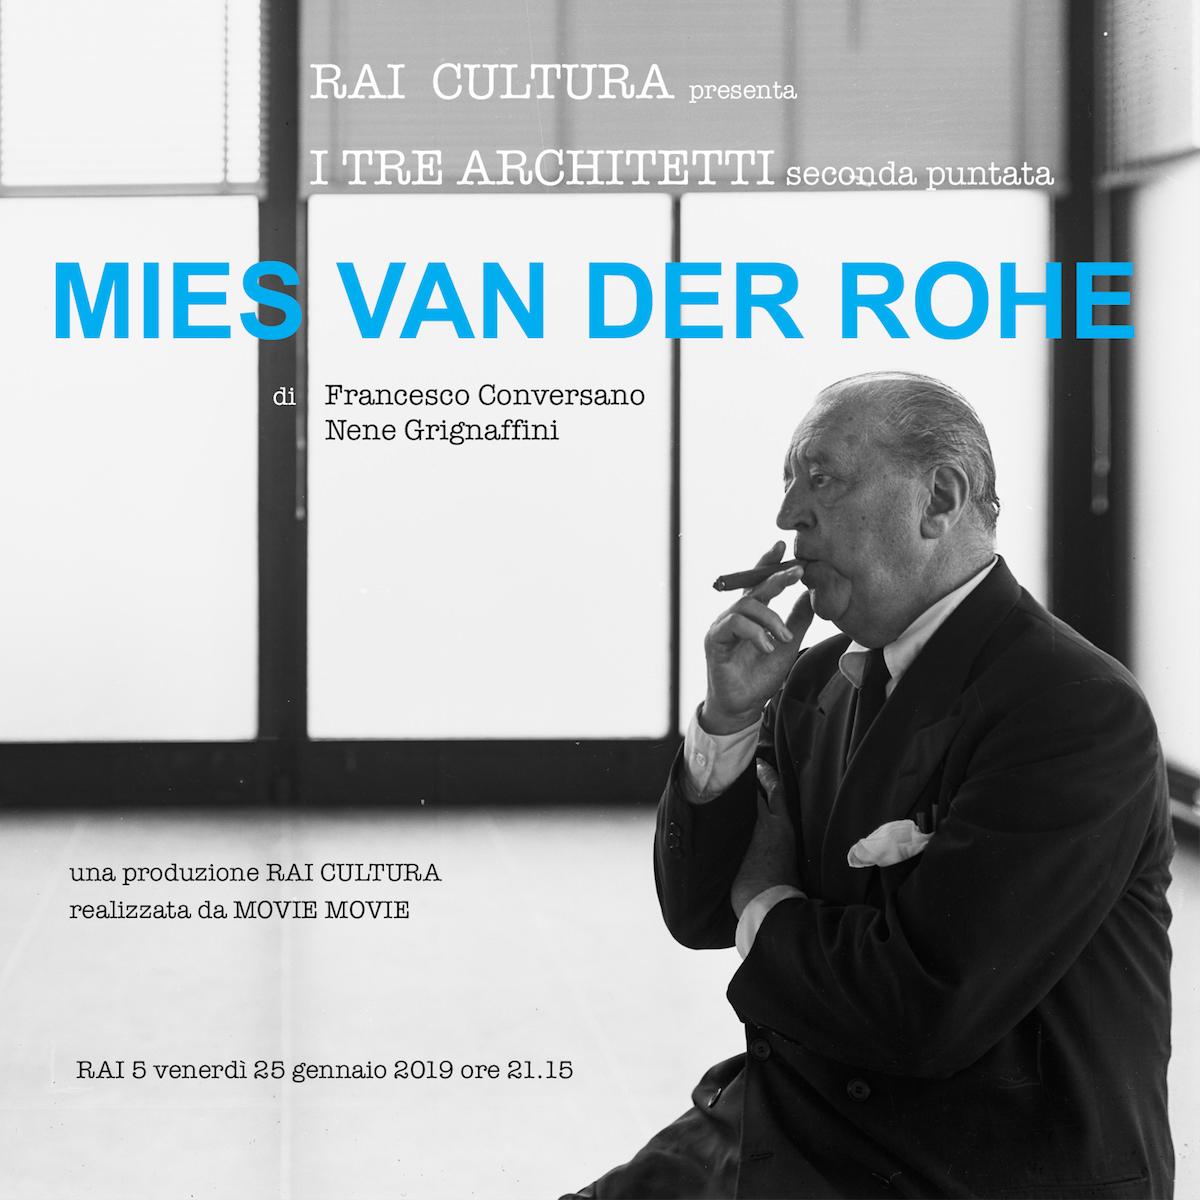 MIES-VAN-DER-ROHE_locandina